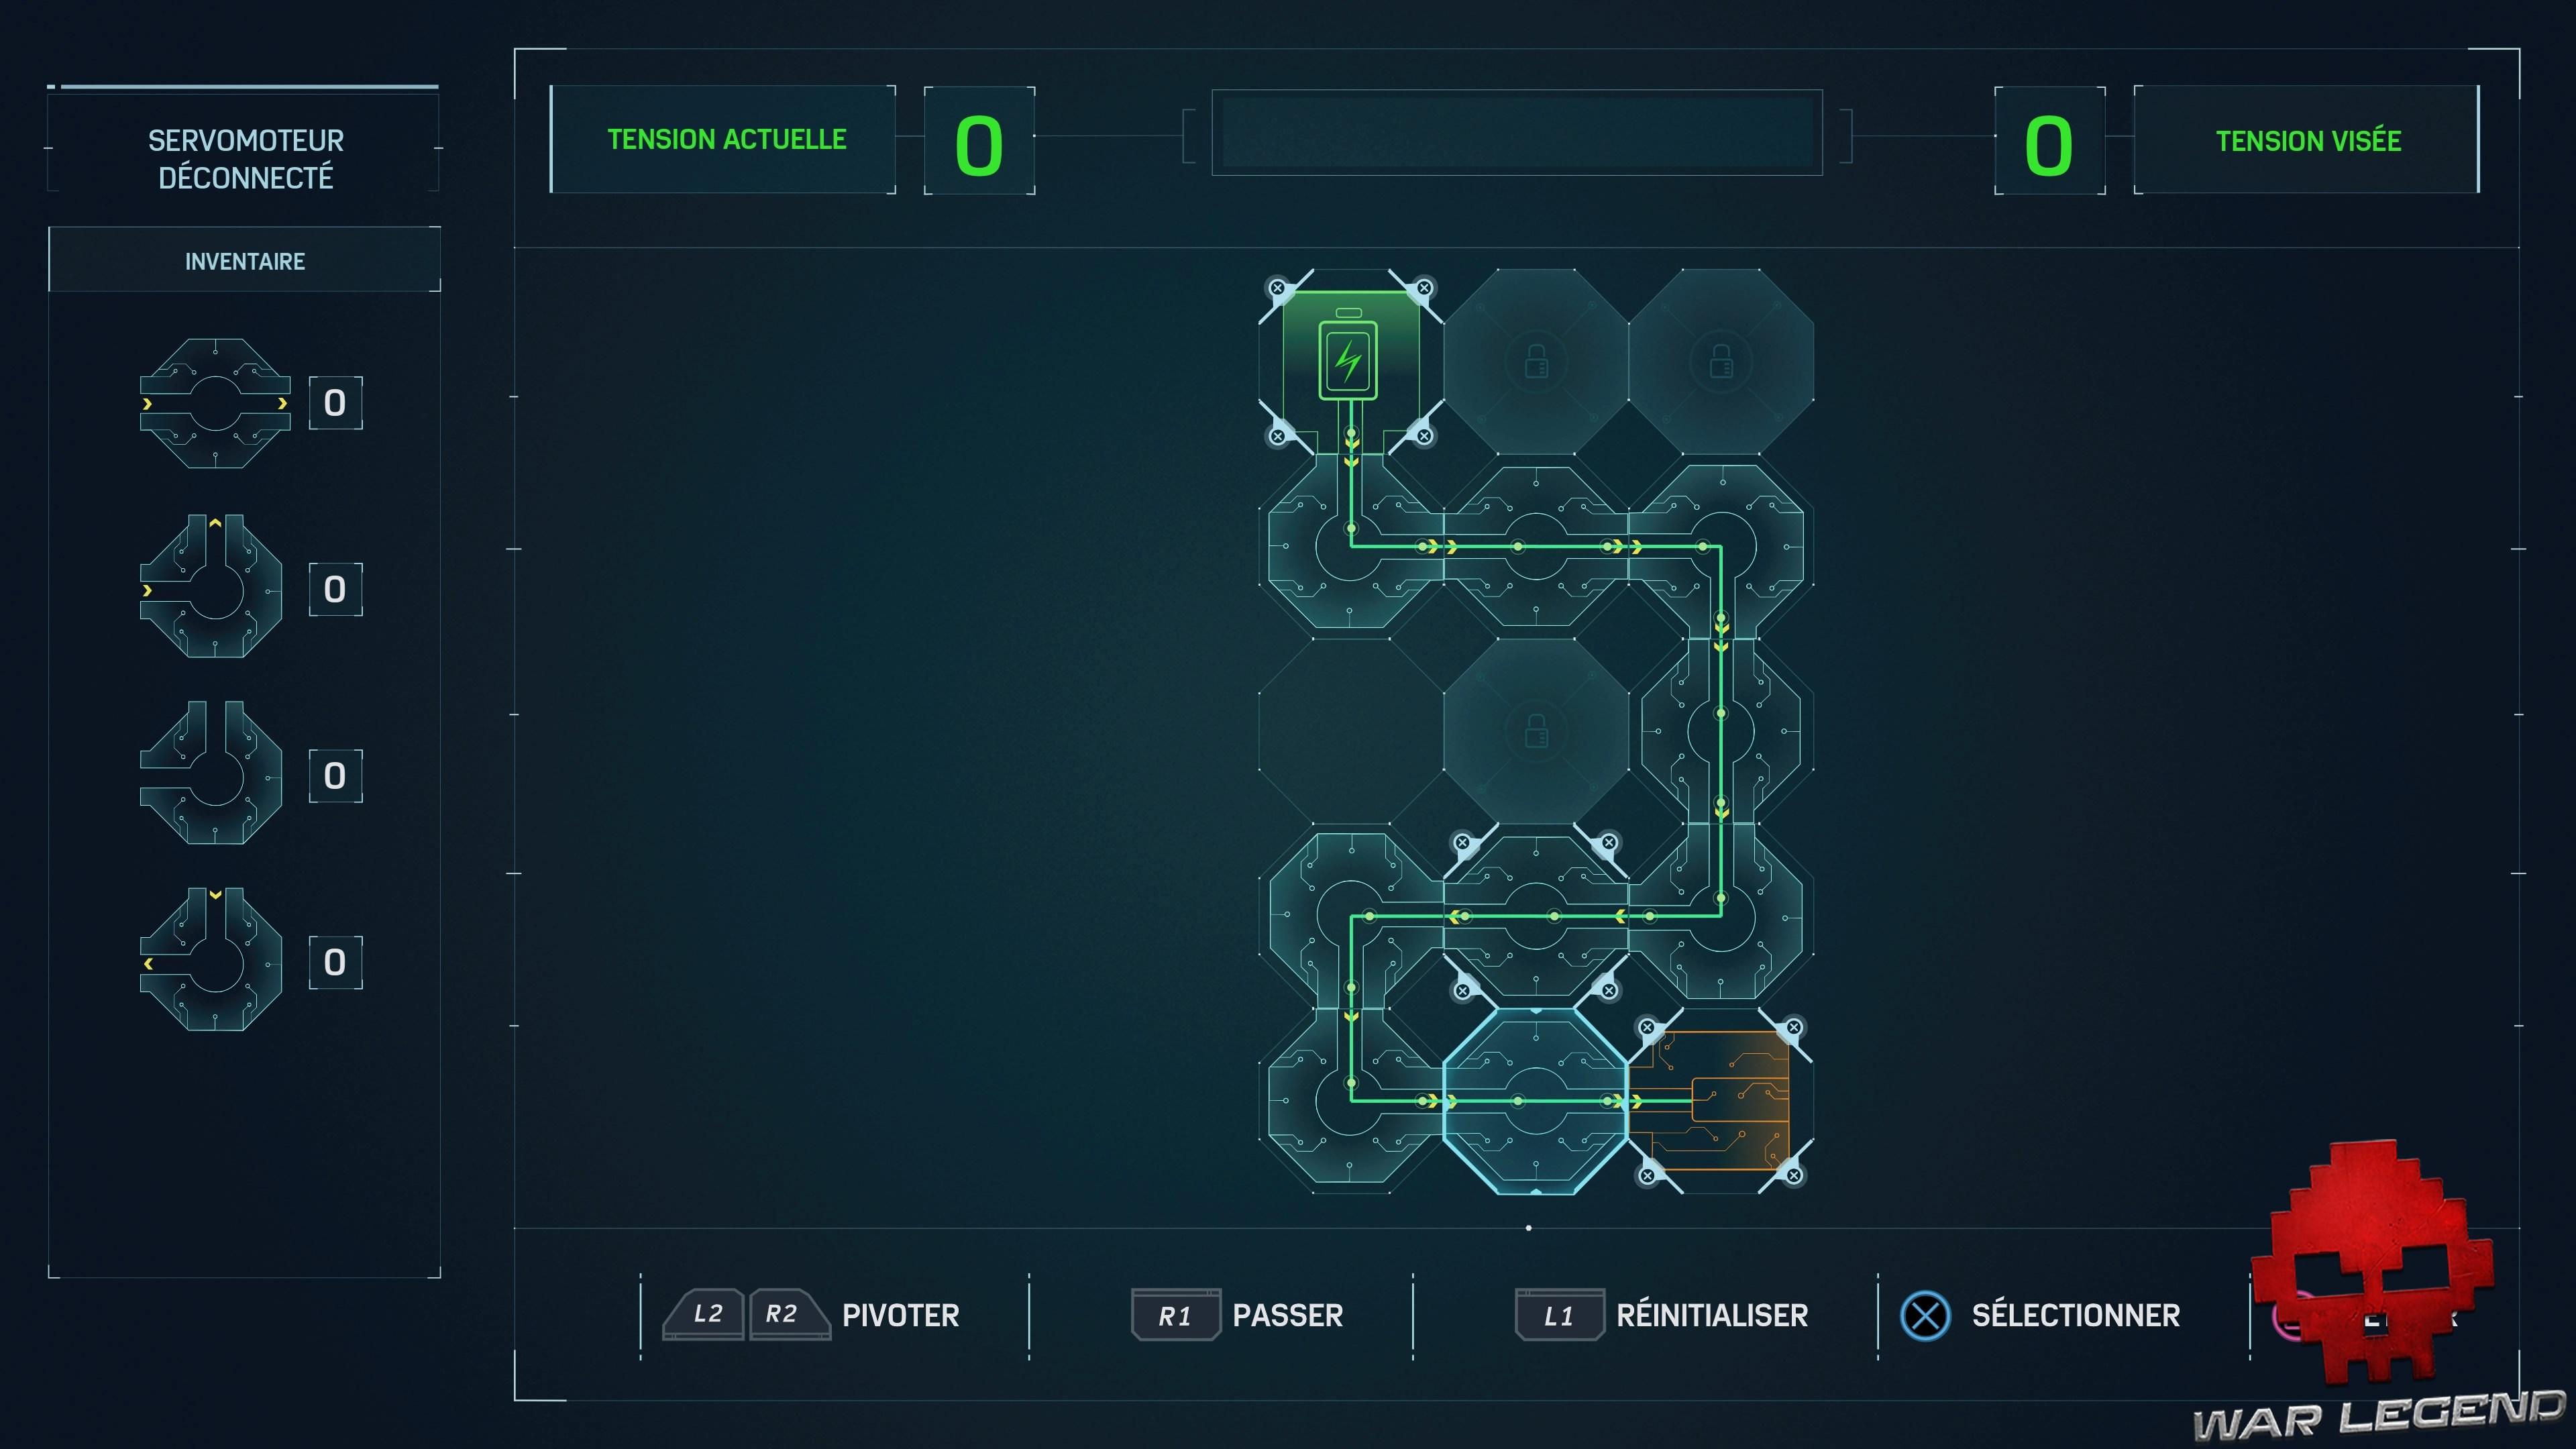 guide Spider-Man Circuits Servomoteur déconnecté